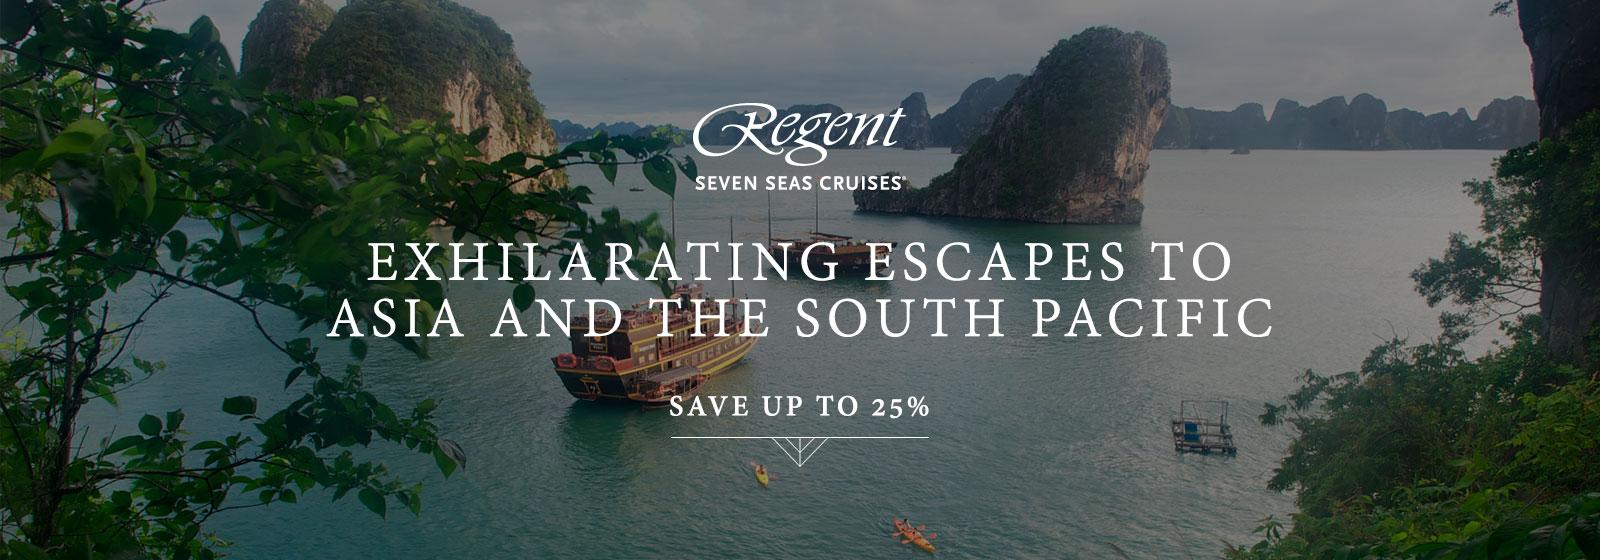 regent exhilarating escapes